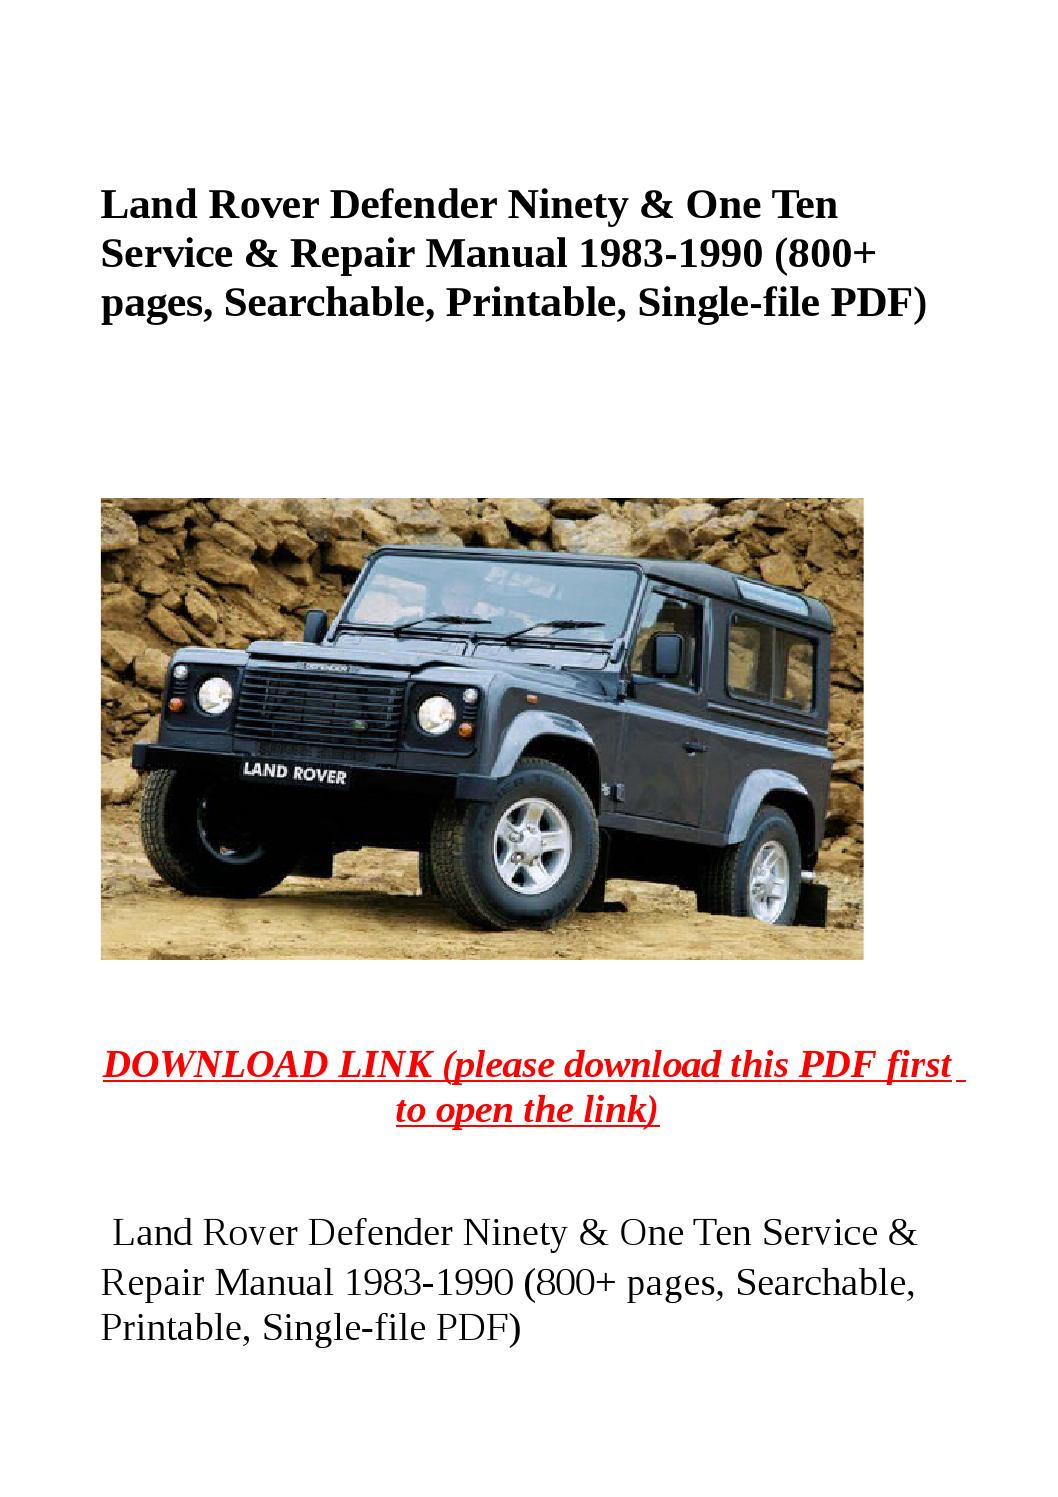 Land Rover Defender Ninety  U0026 One Ten Service  U0026 Repair